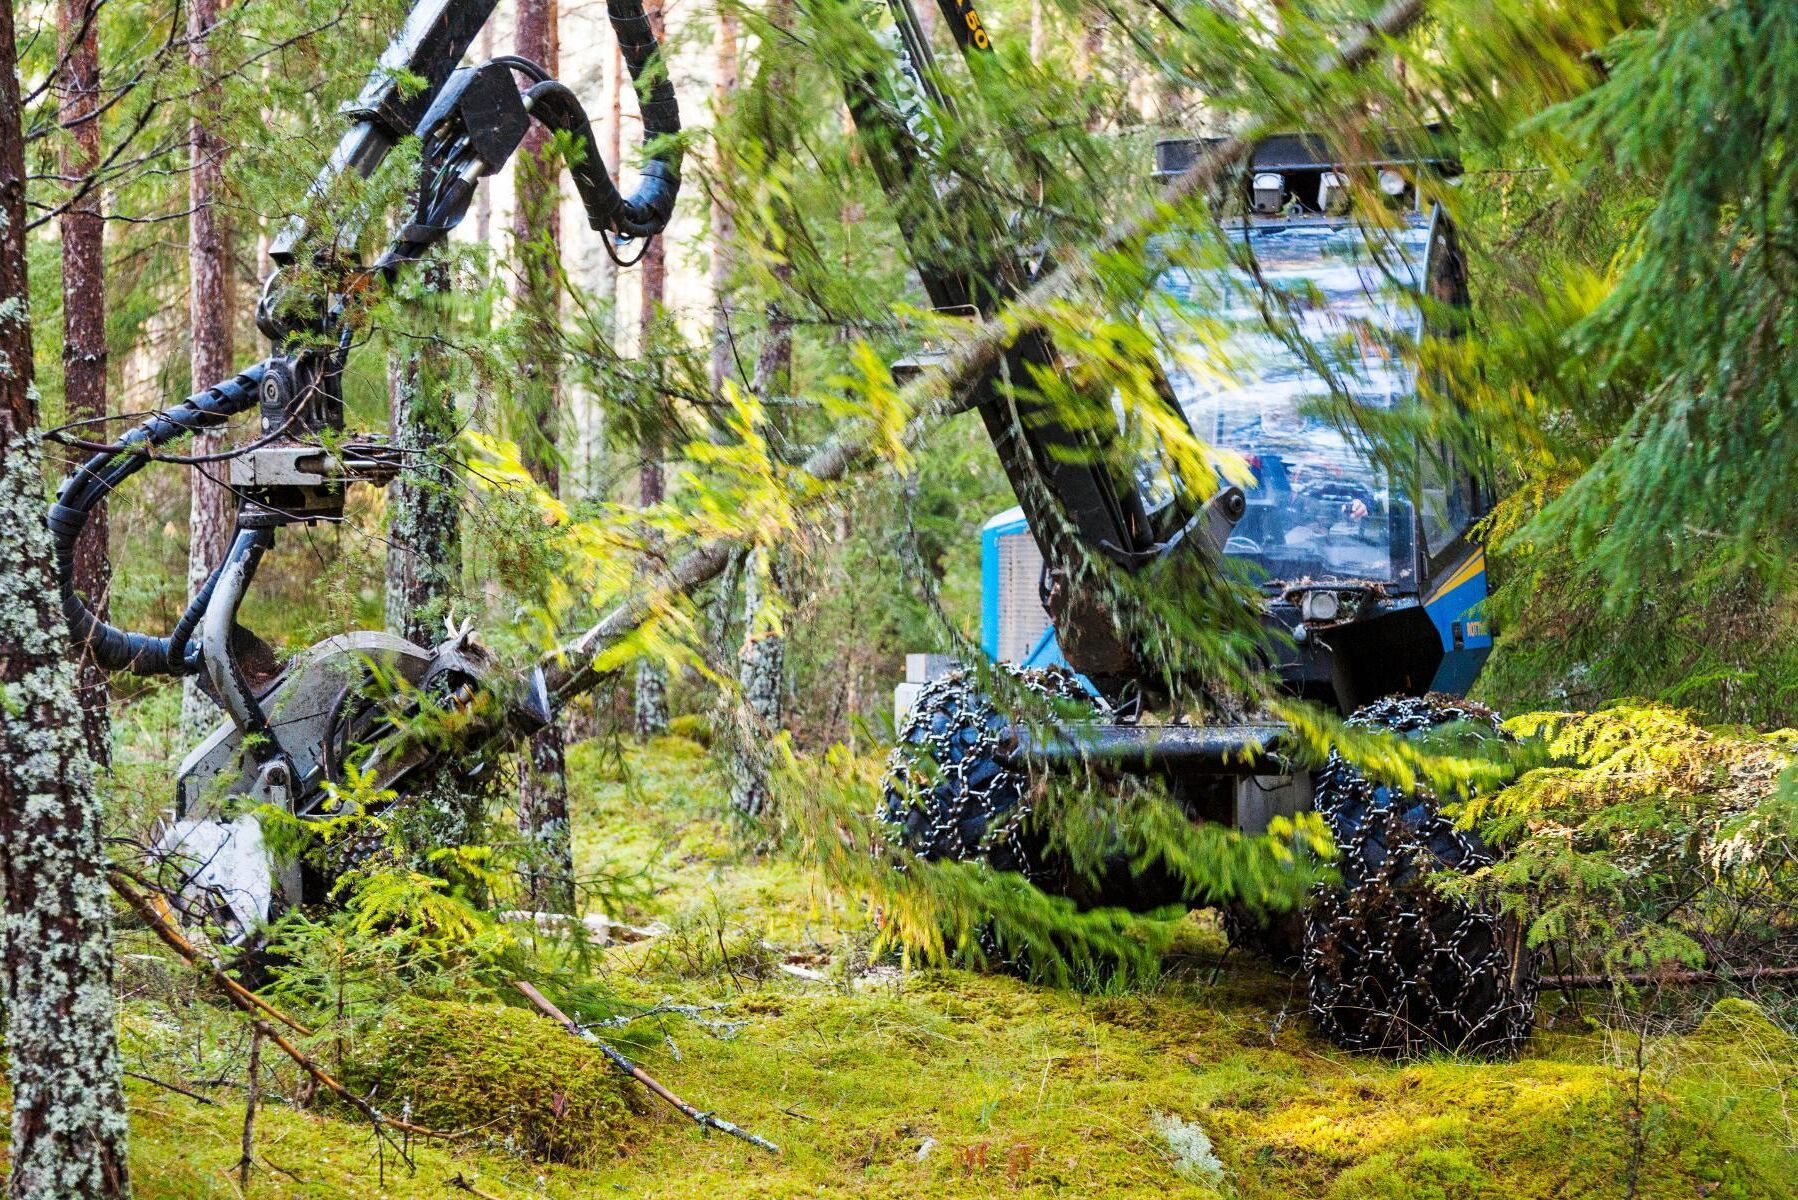 Vem som ska leda den svenska skogspolitiken, frågar Landshypotek Banks Martin Kihlberg.